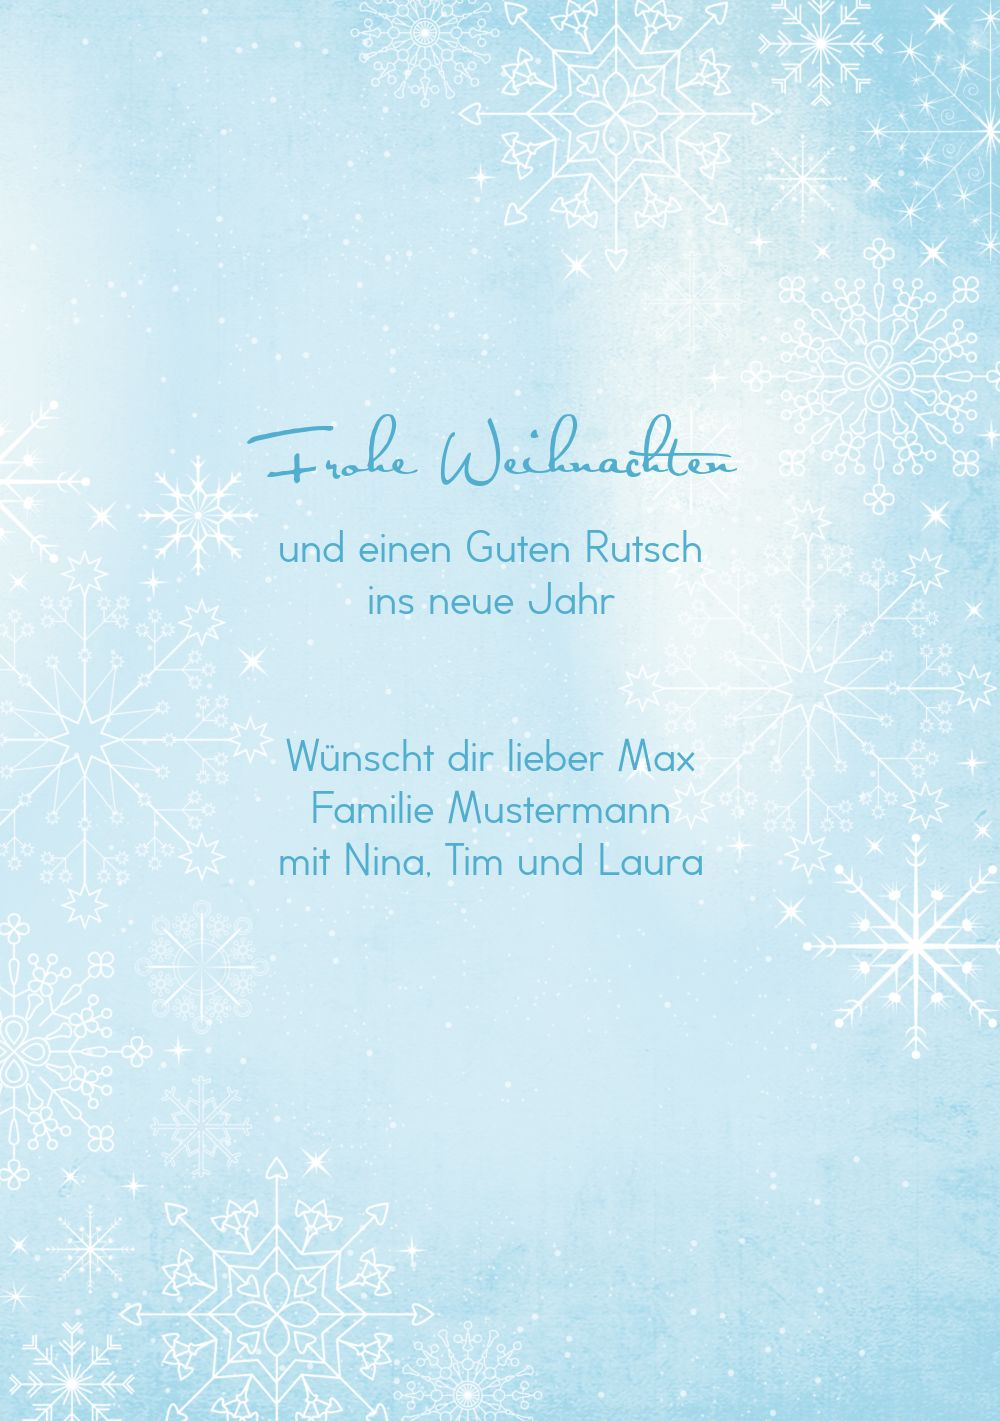 Ansicht 5 - Grußkarte Wintertraum